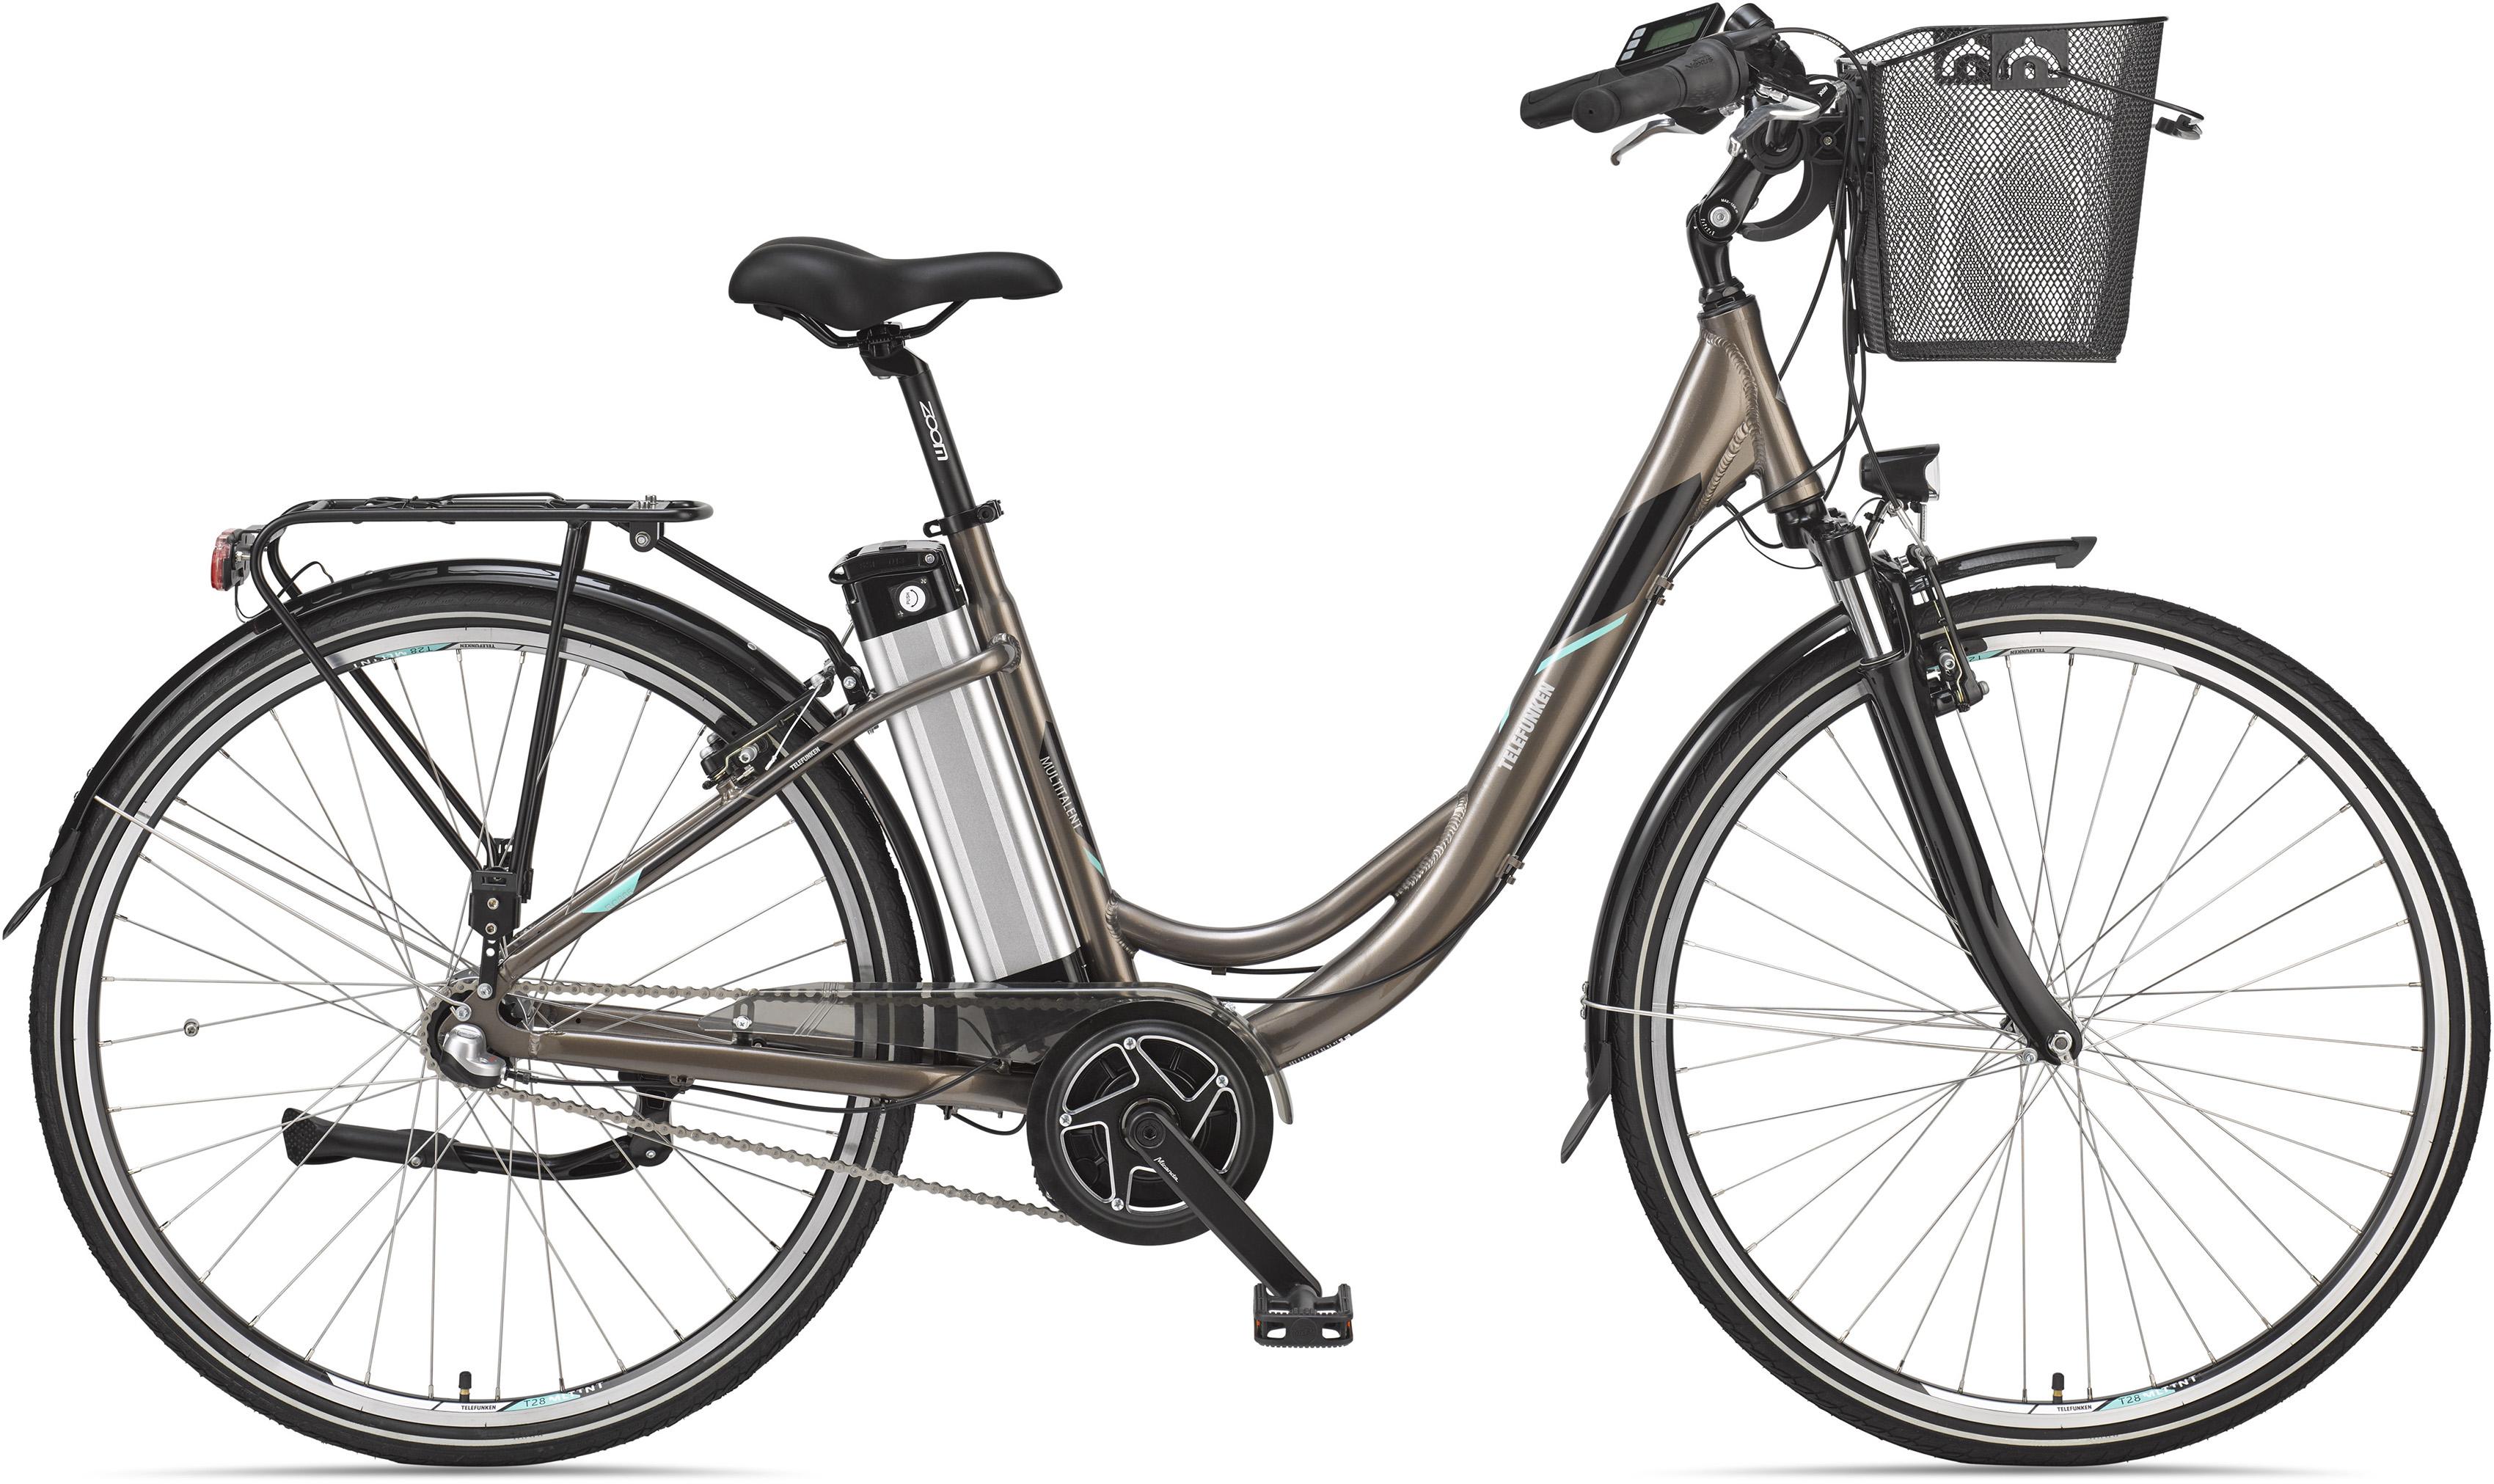 Telefunken E-Bike Multitalent RC865, (mit Fahrradkorb) braun Elektro-Cityräder E-Bikes Fahrräder Zubehör